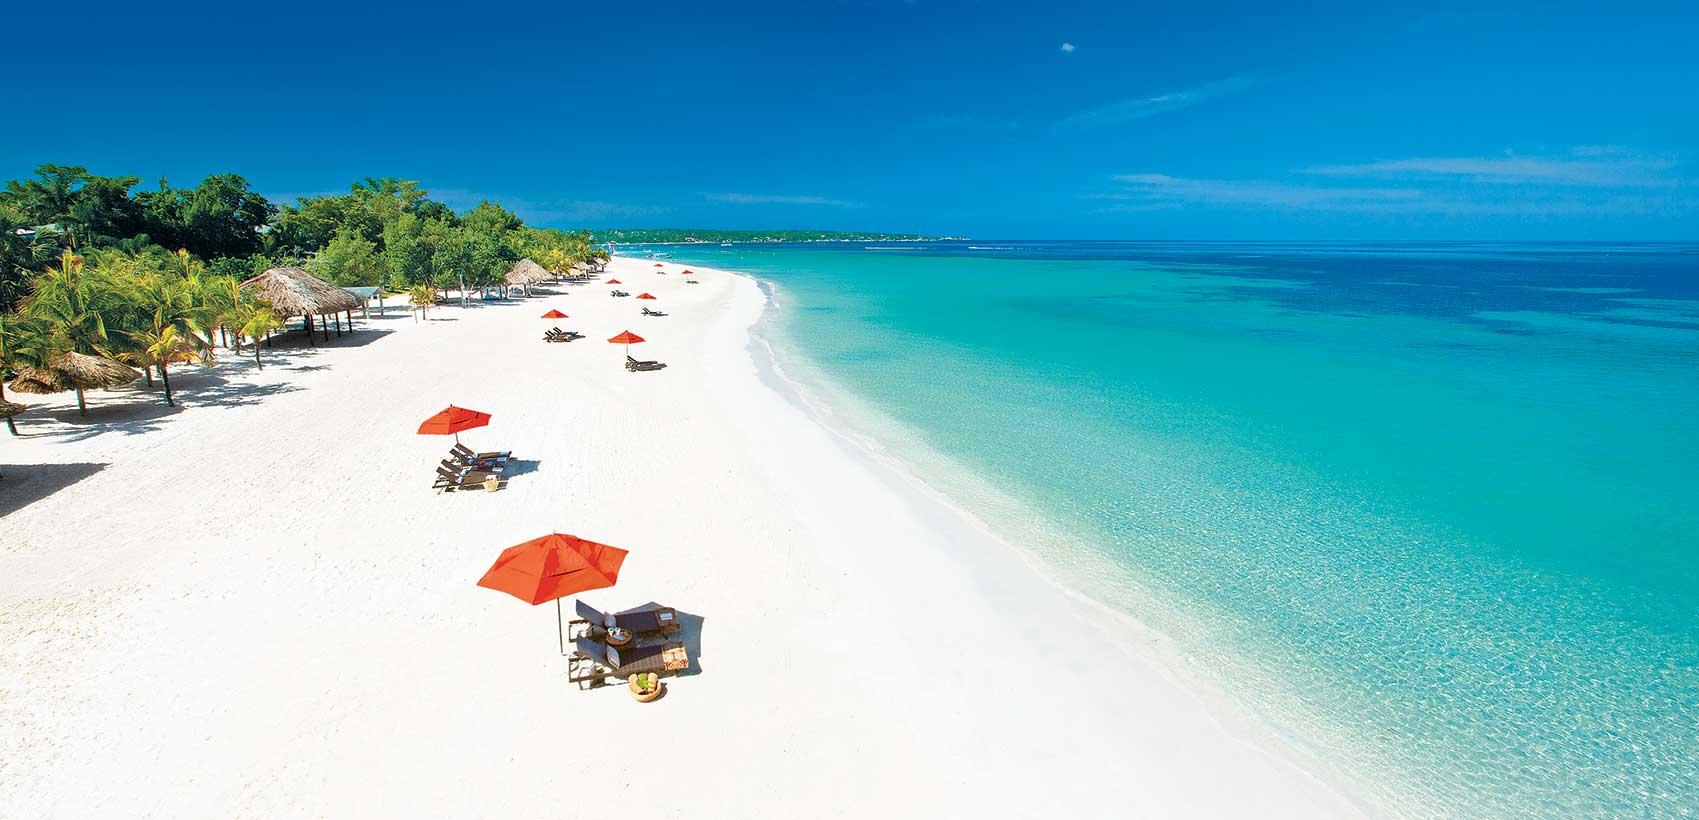 Profitez de nuits gratuites dans les Caraïbes et au Mexique avec Vacances WestJet 2